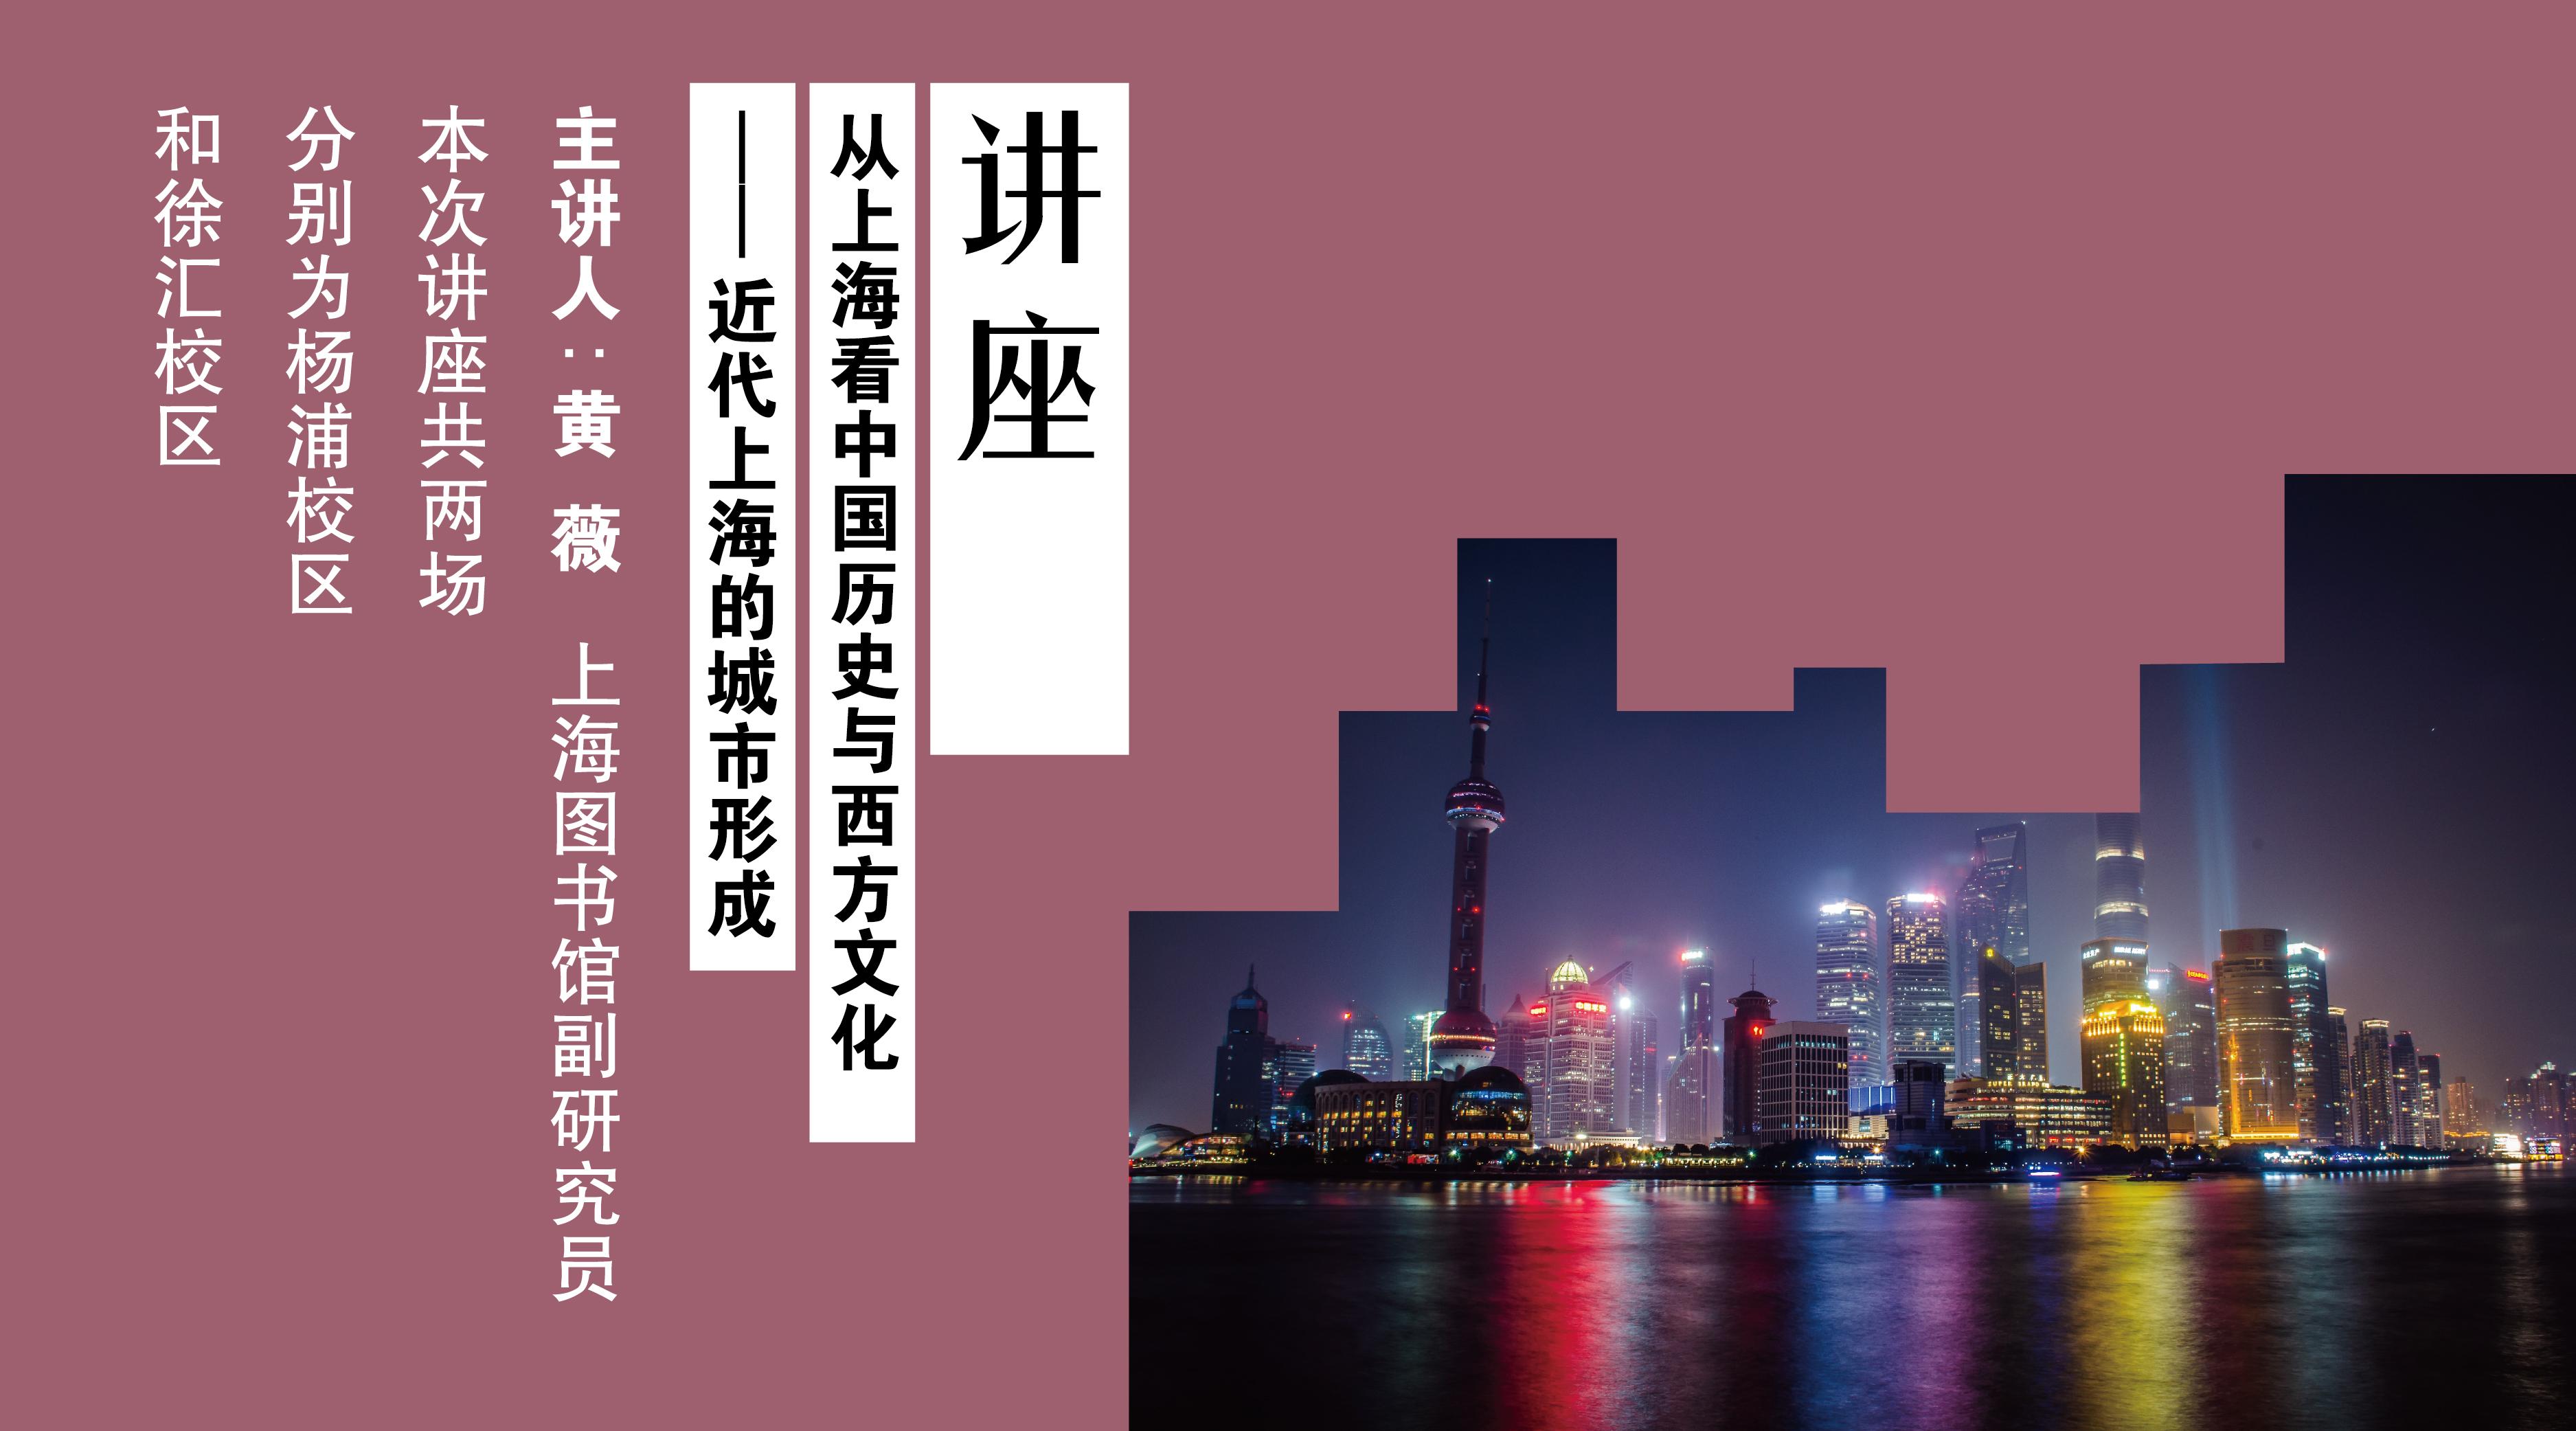 黄薇封面图-01.jpg